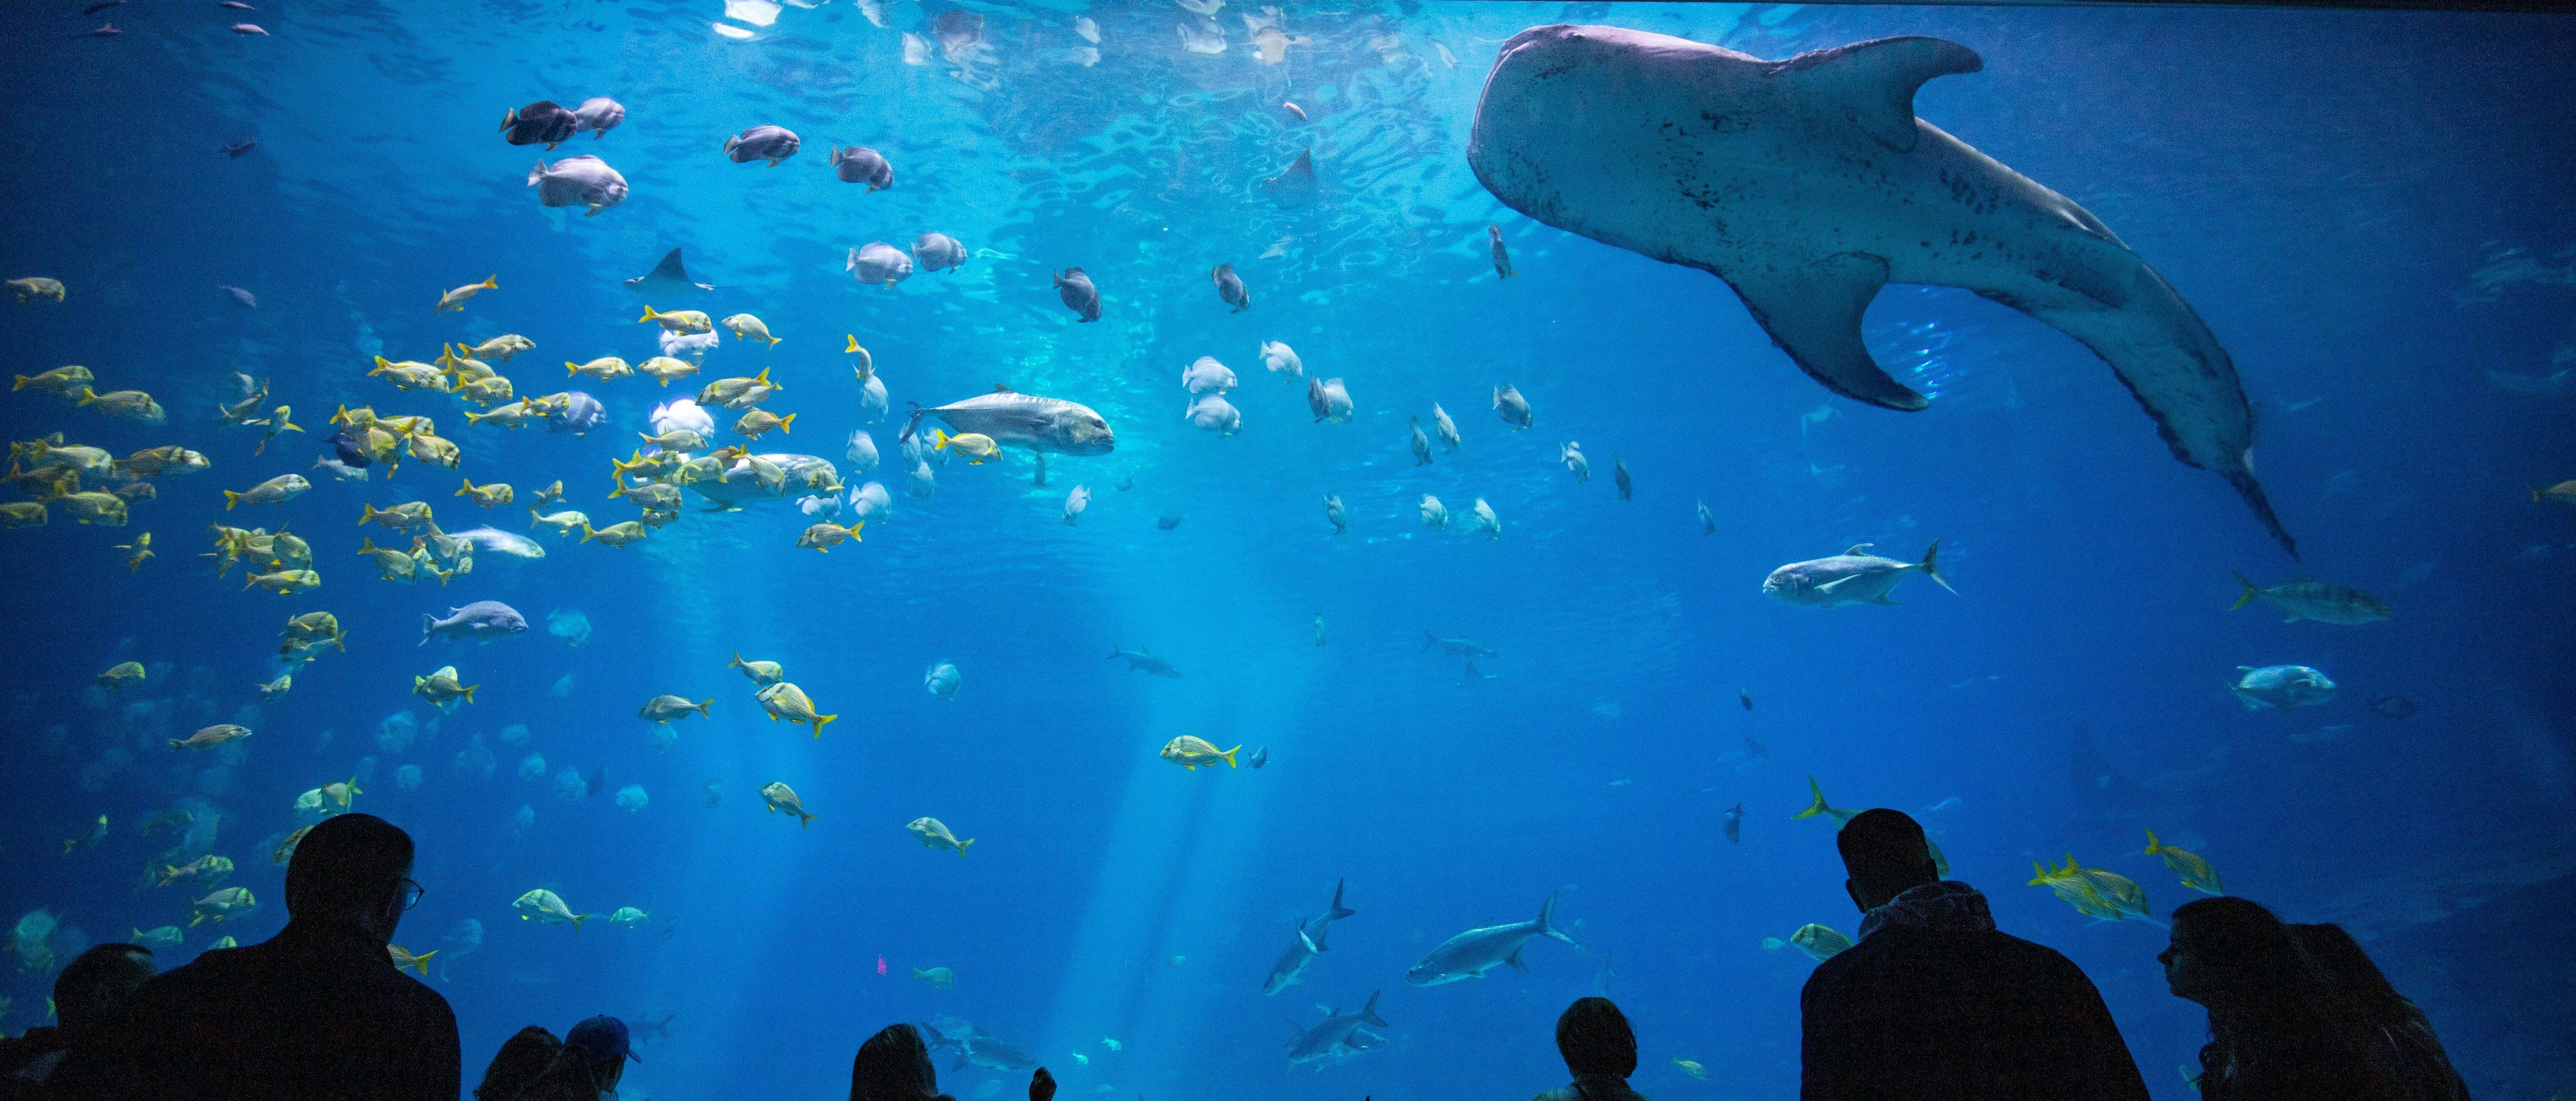 Live Views From Aquarium in 2020